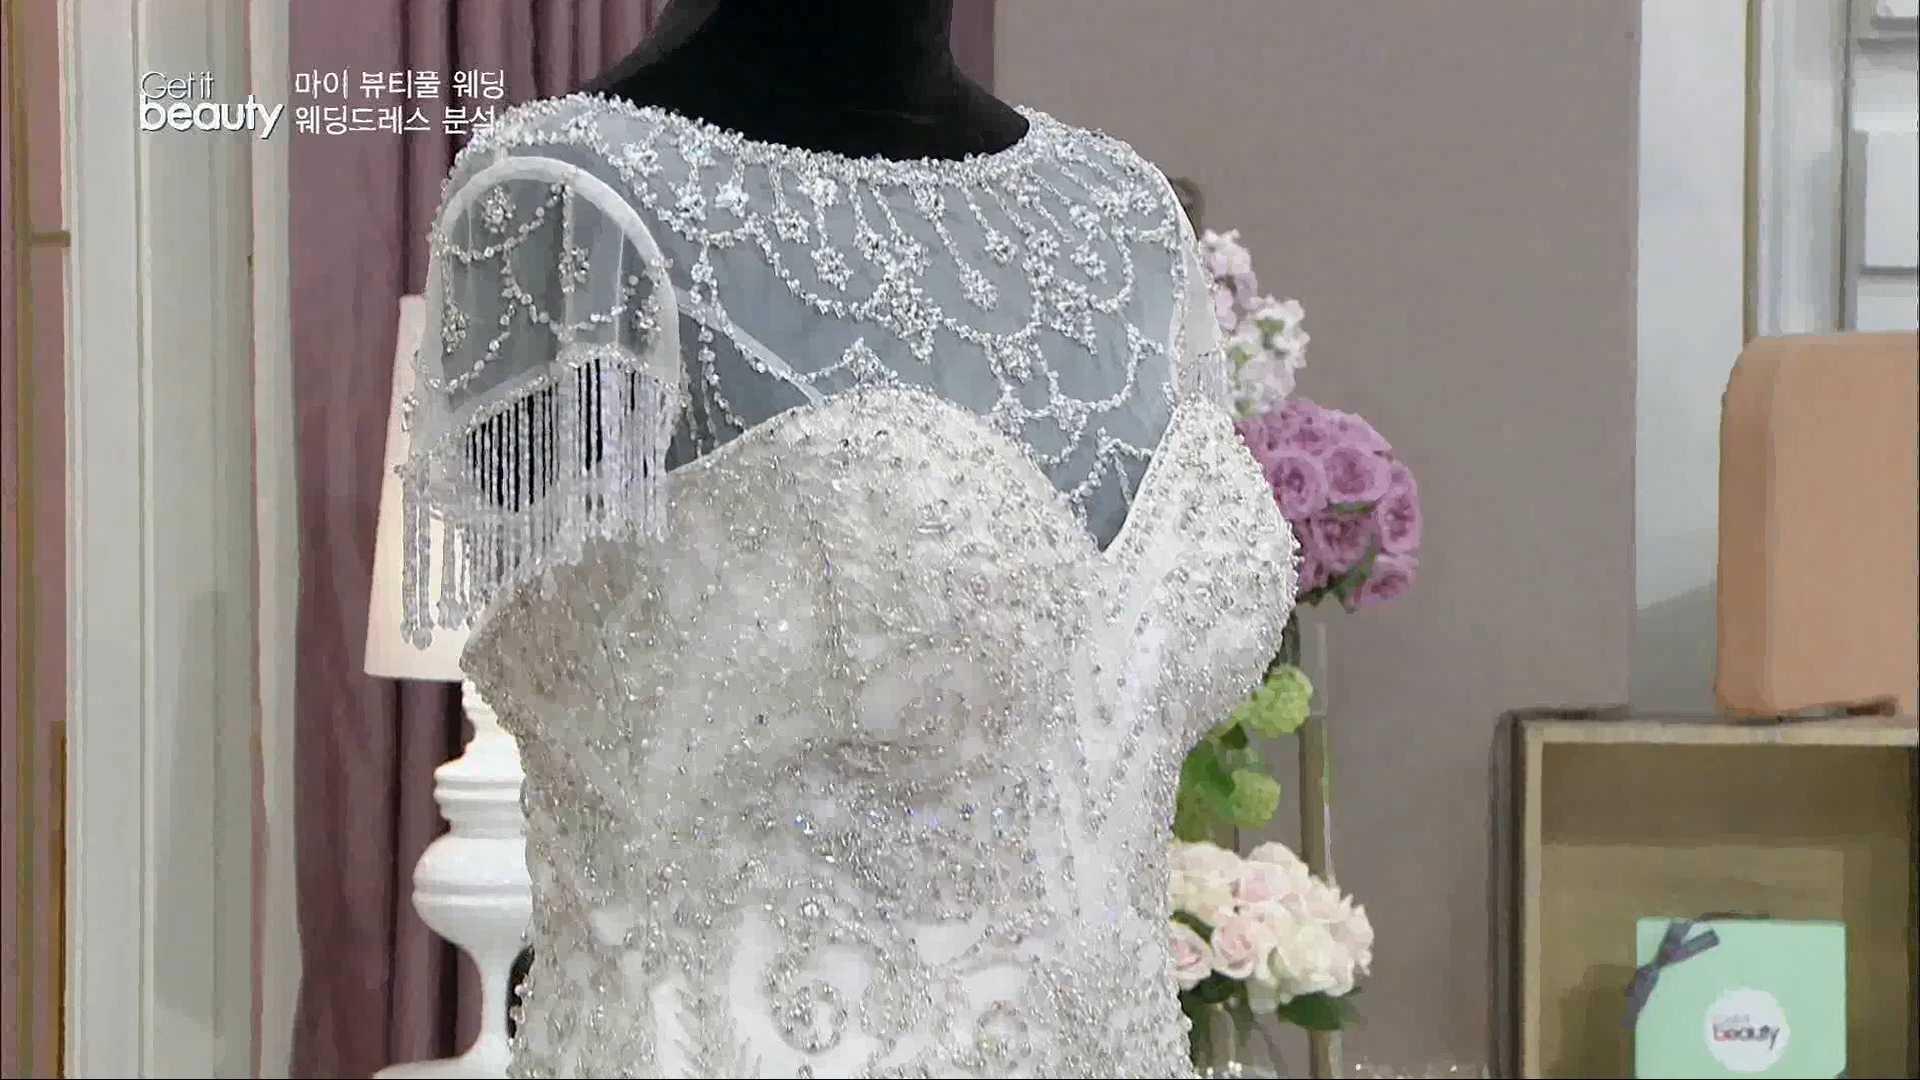 드레스 전체의 화려한 장식에 반면 스커트 라인은 매우 심플하게 연출됬어요